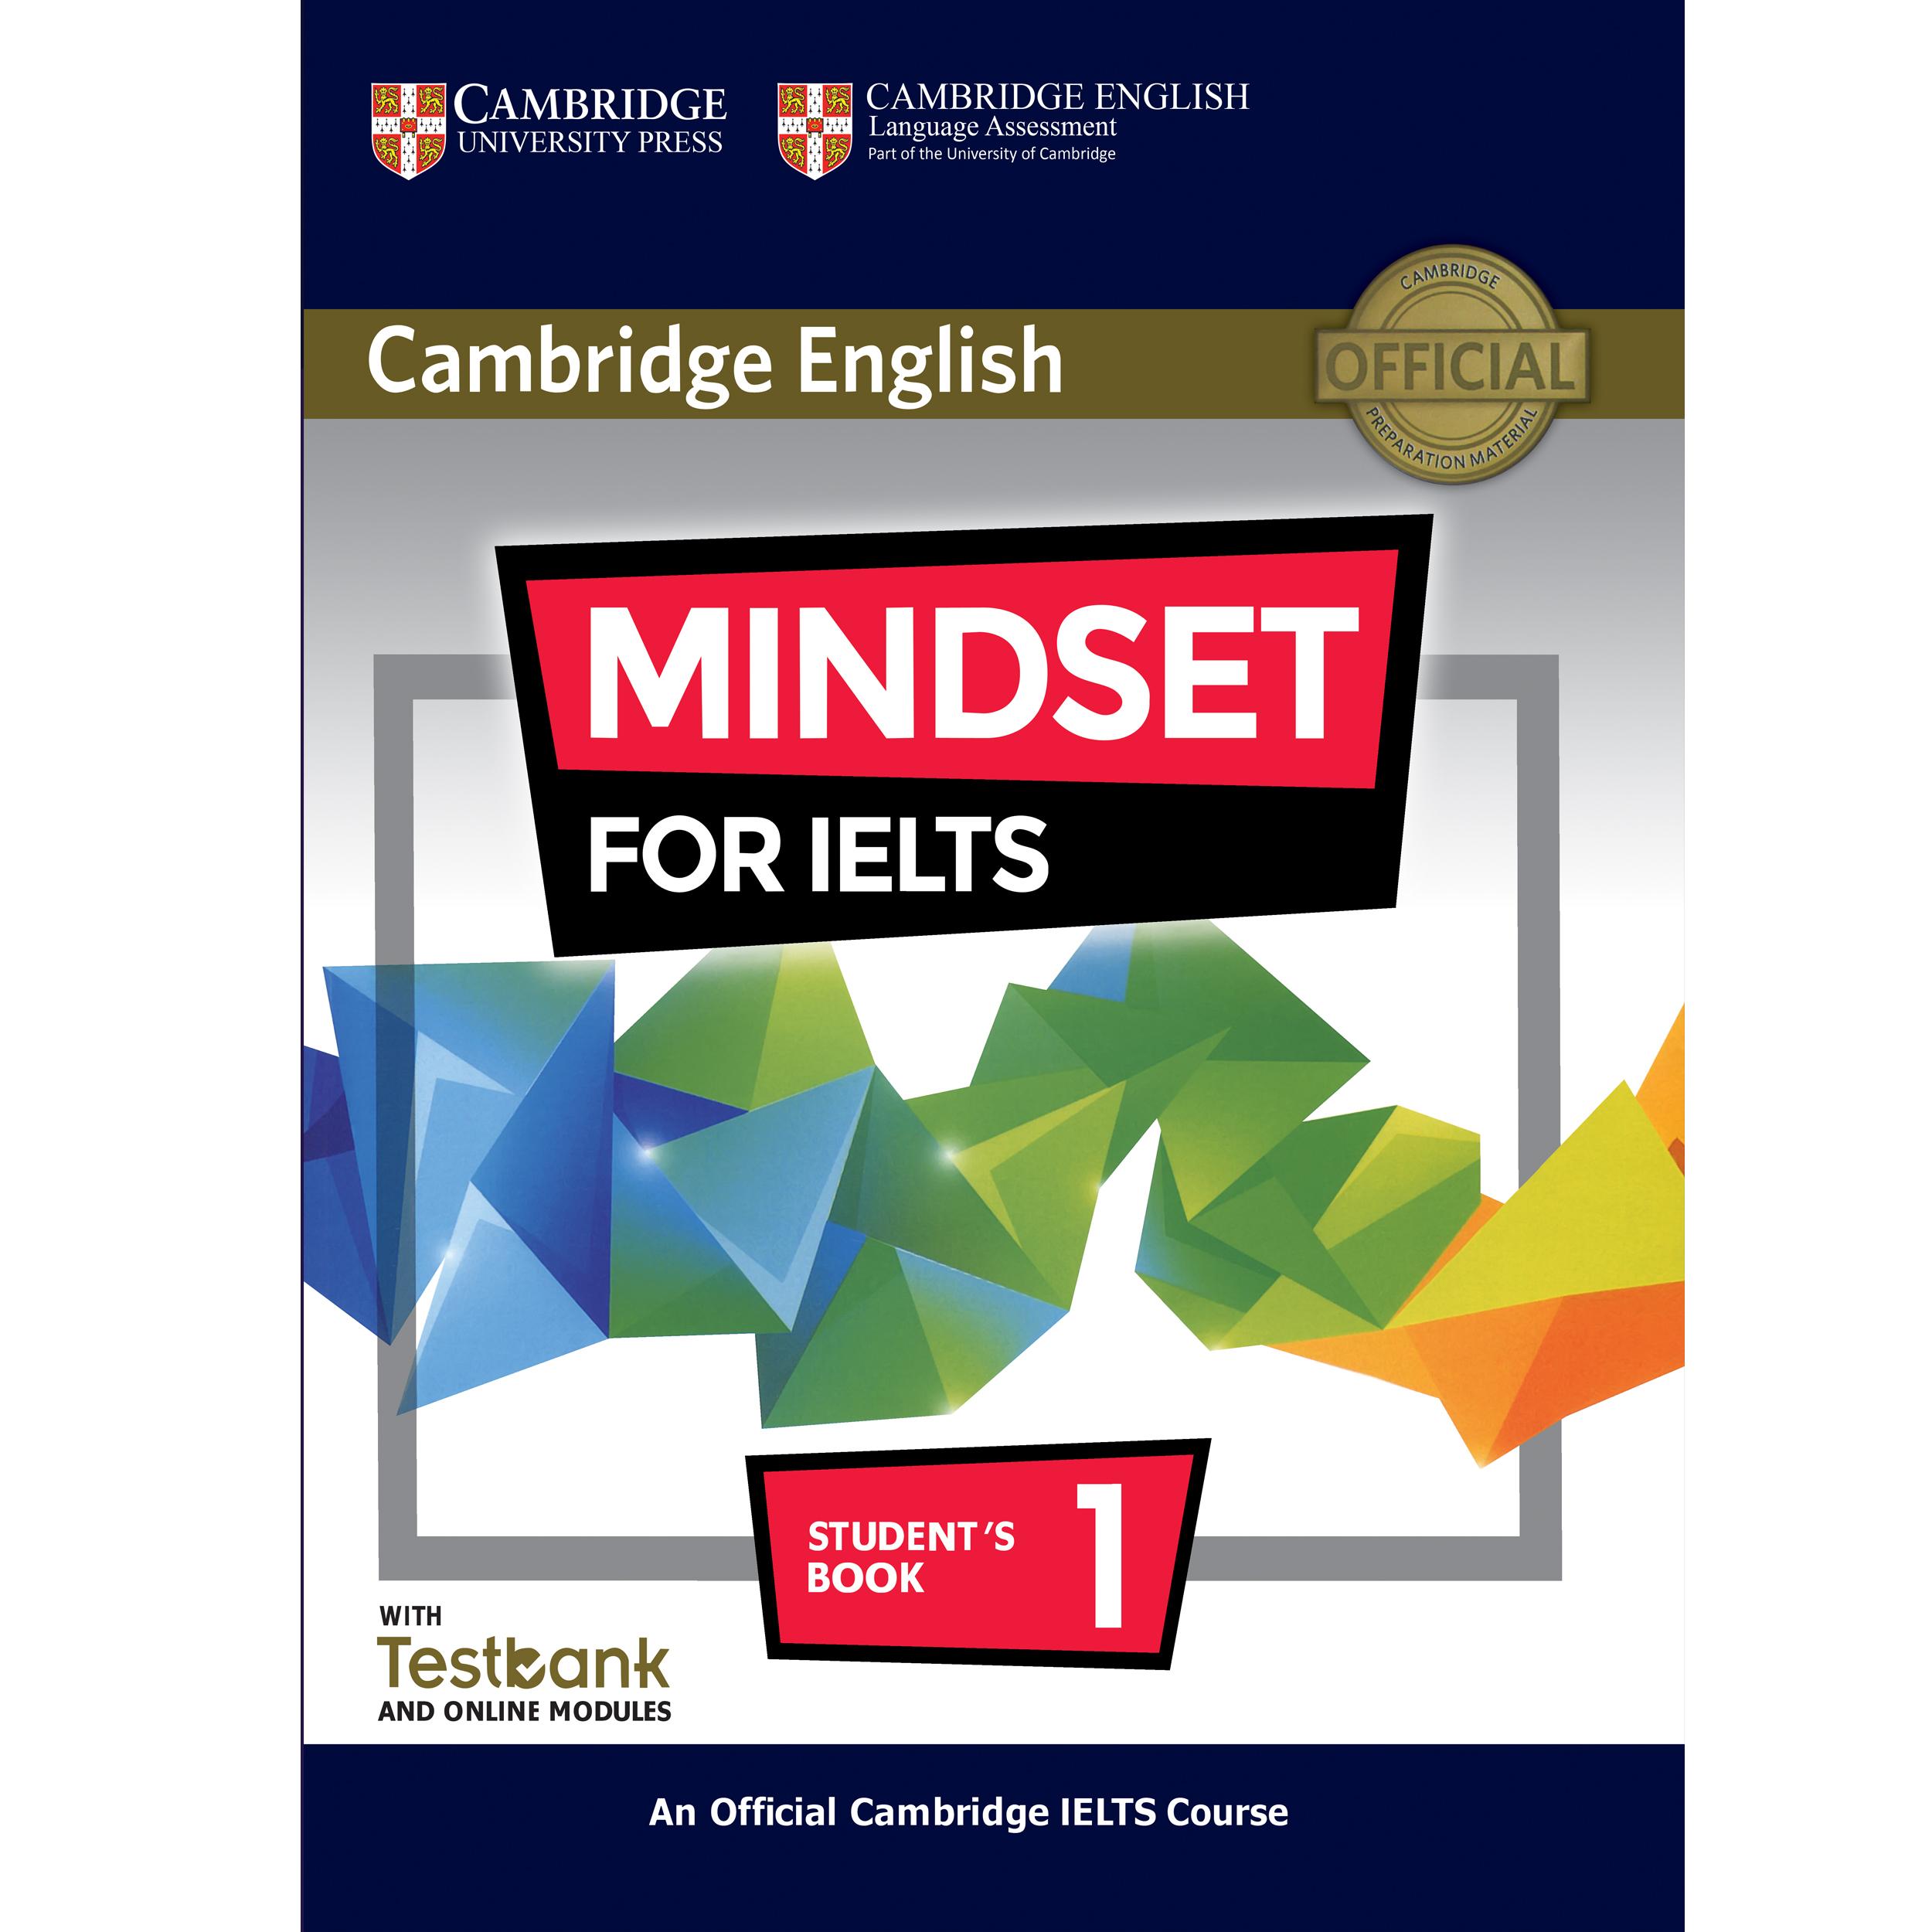 کتاب Cambridge English Mindset For IELTS 1 اثر جمعی از نویسندگان انتشارات هدف نوین